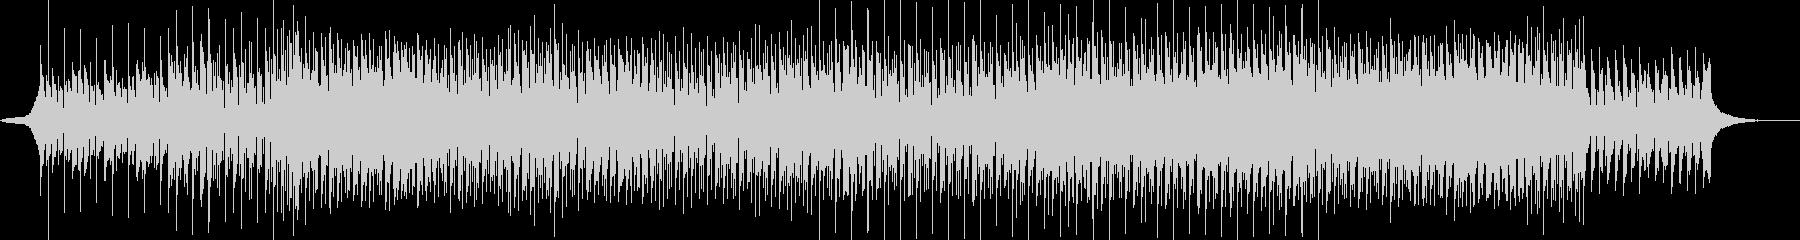 シンセをメインに用いた暗い雰囲気のハウスの未再生の波形